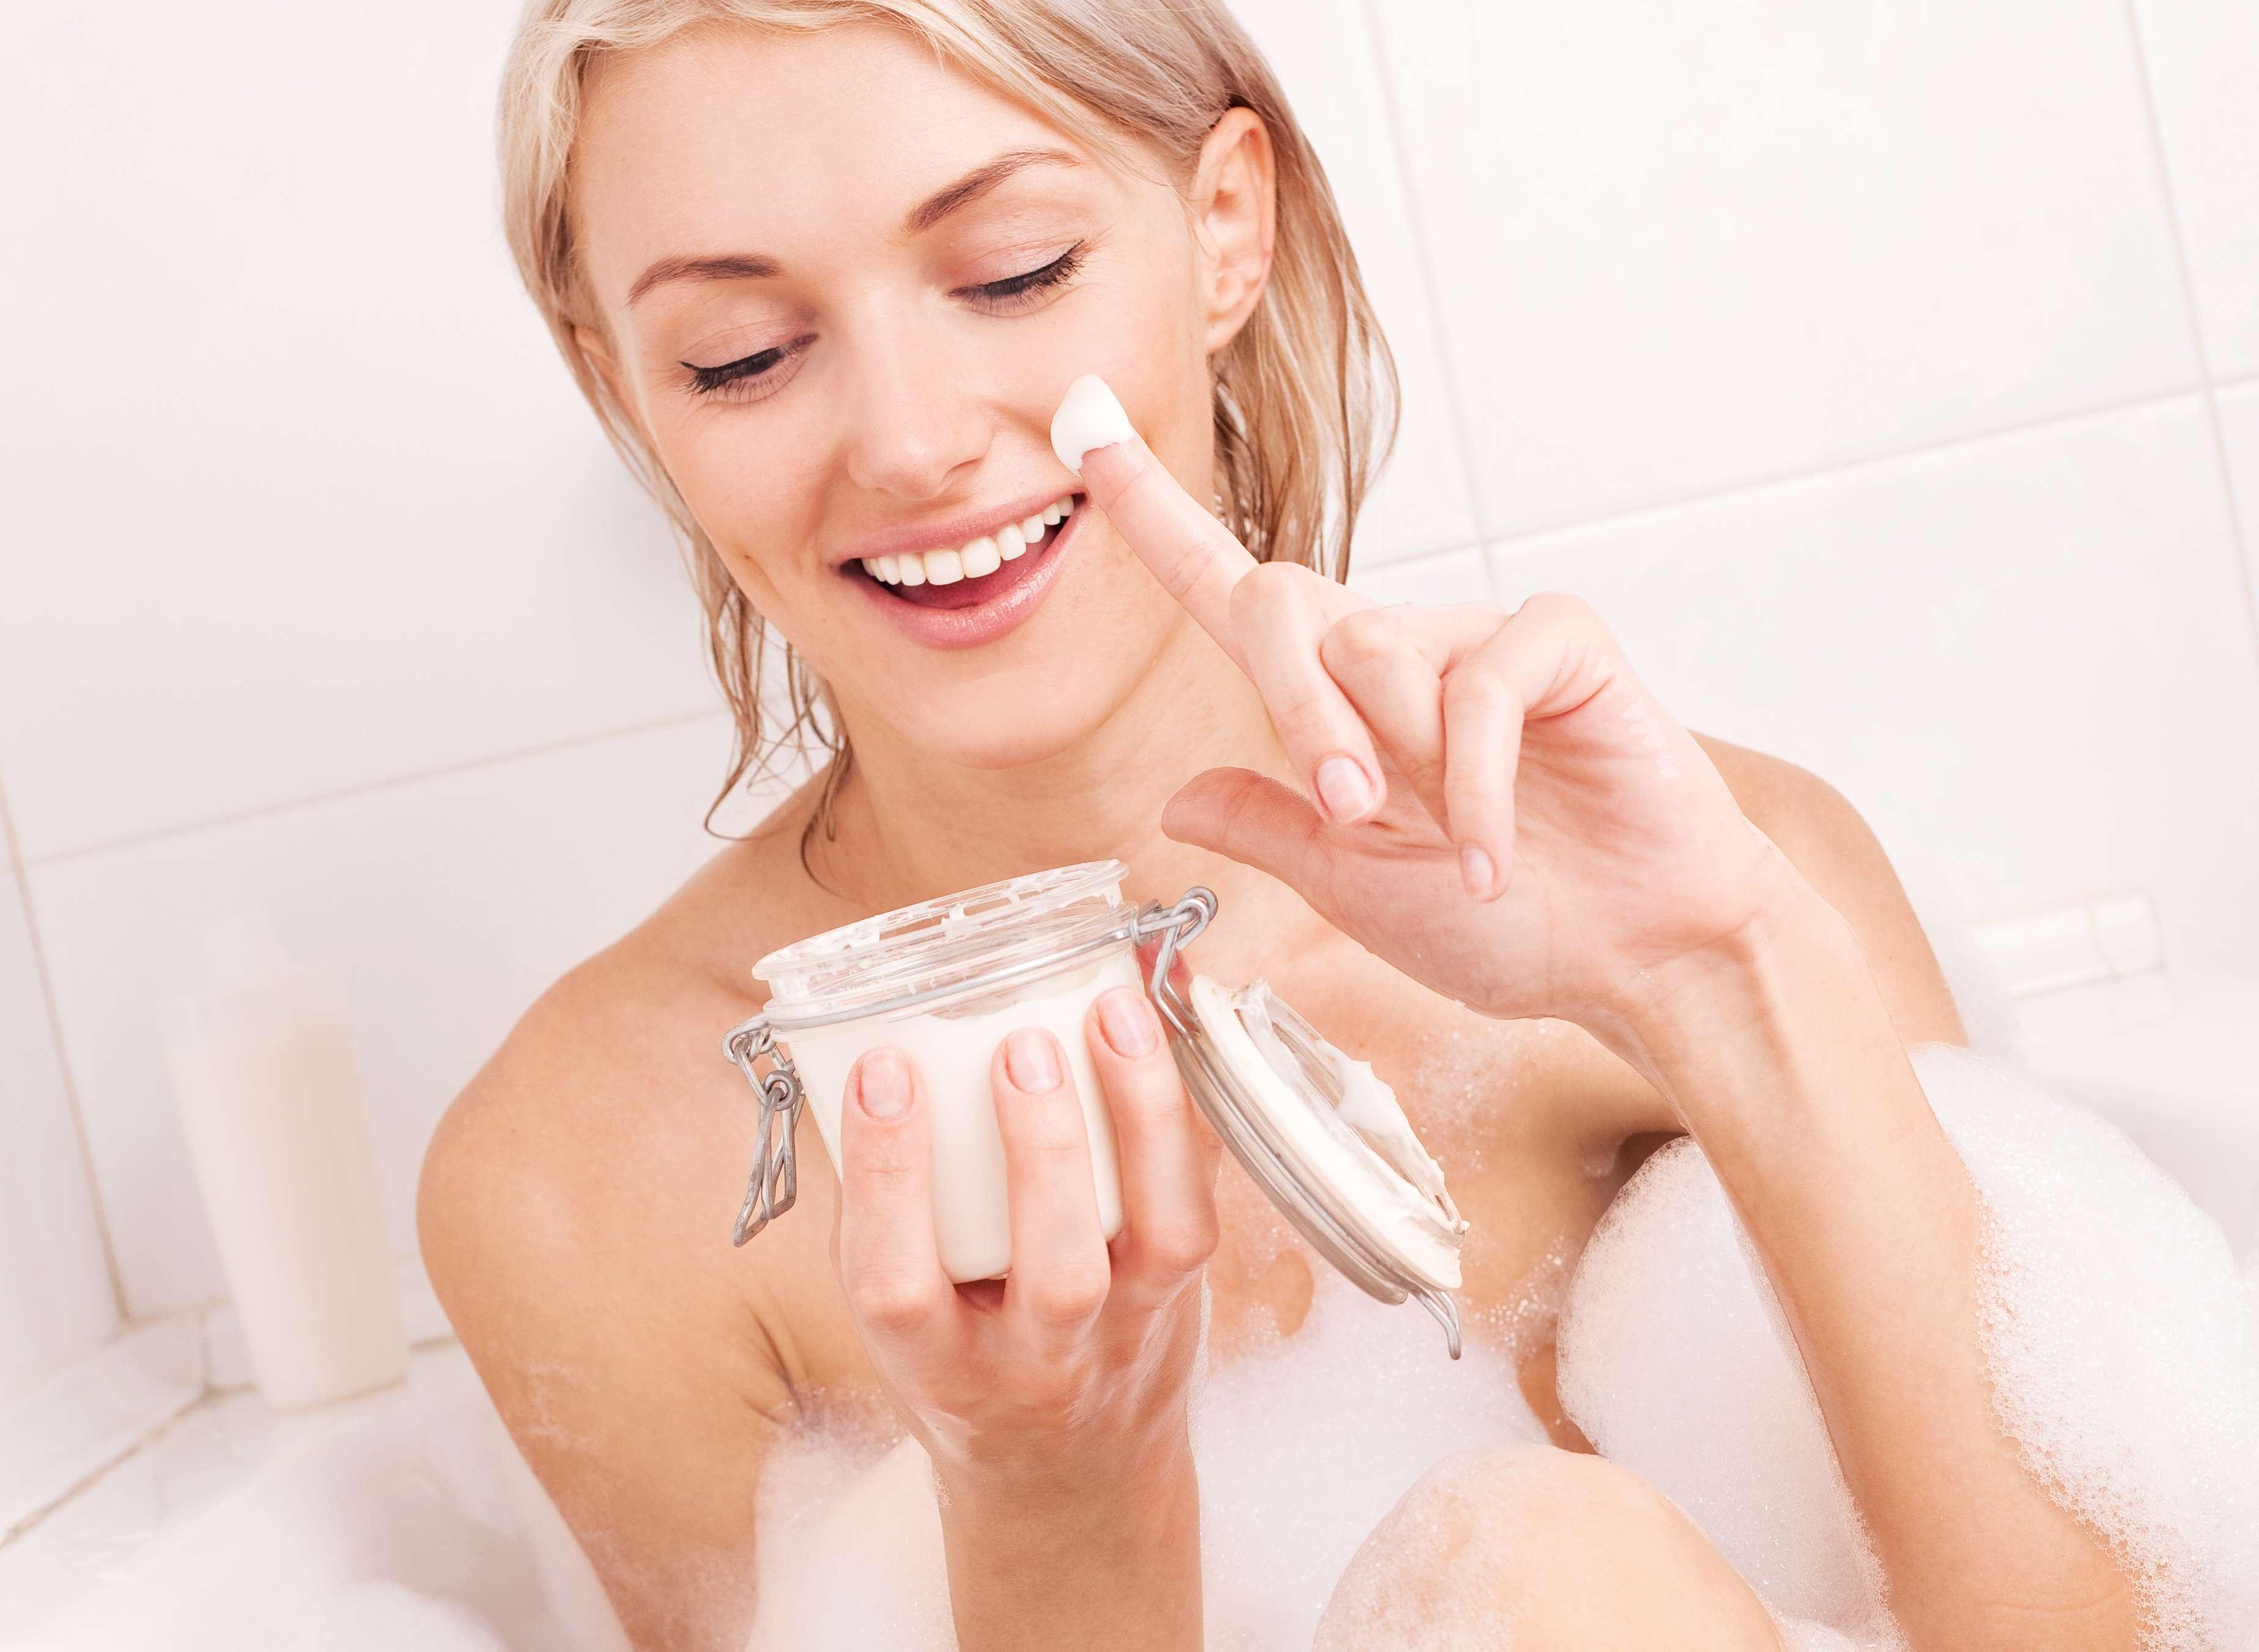 Os hidratantes de banho ajudam quem não tem tempo, paciência e até mesmo disposição para cuidar da pele com as versões tradicionais Foto: Lana K / Shutterstock